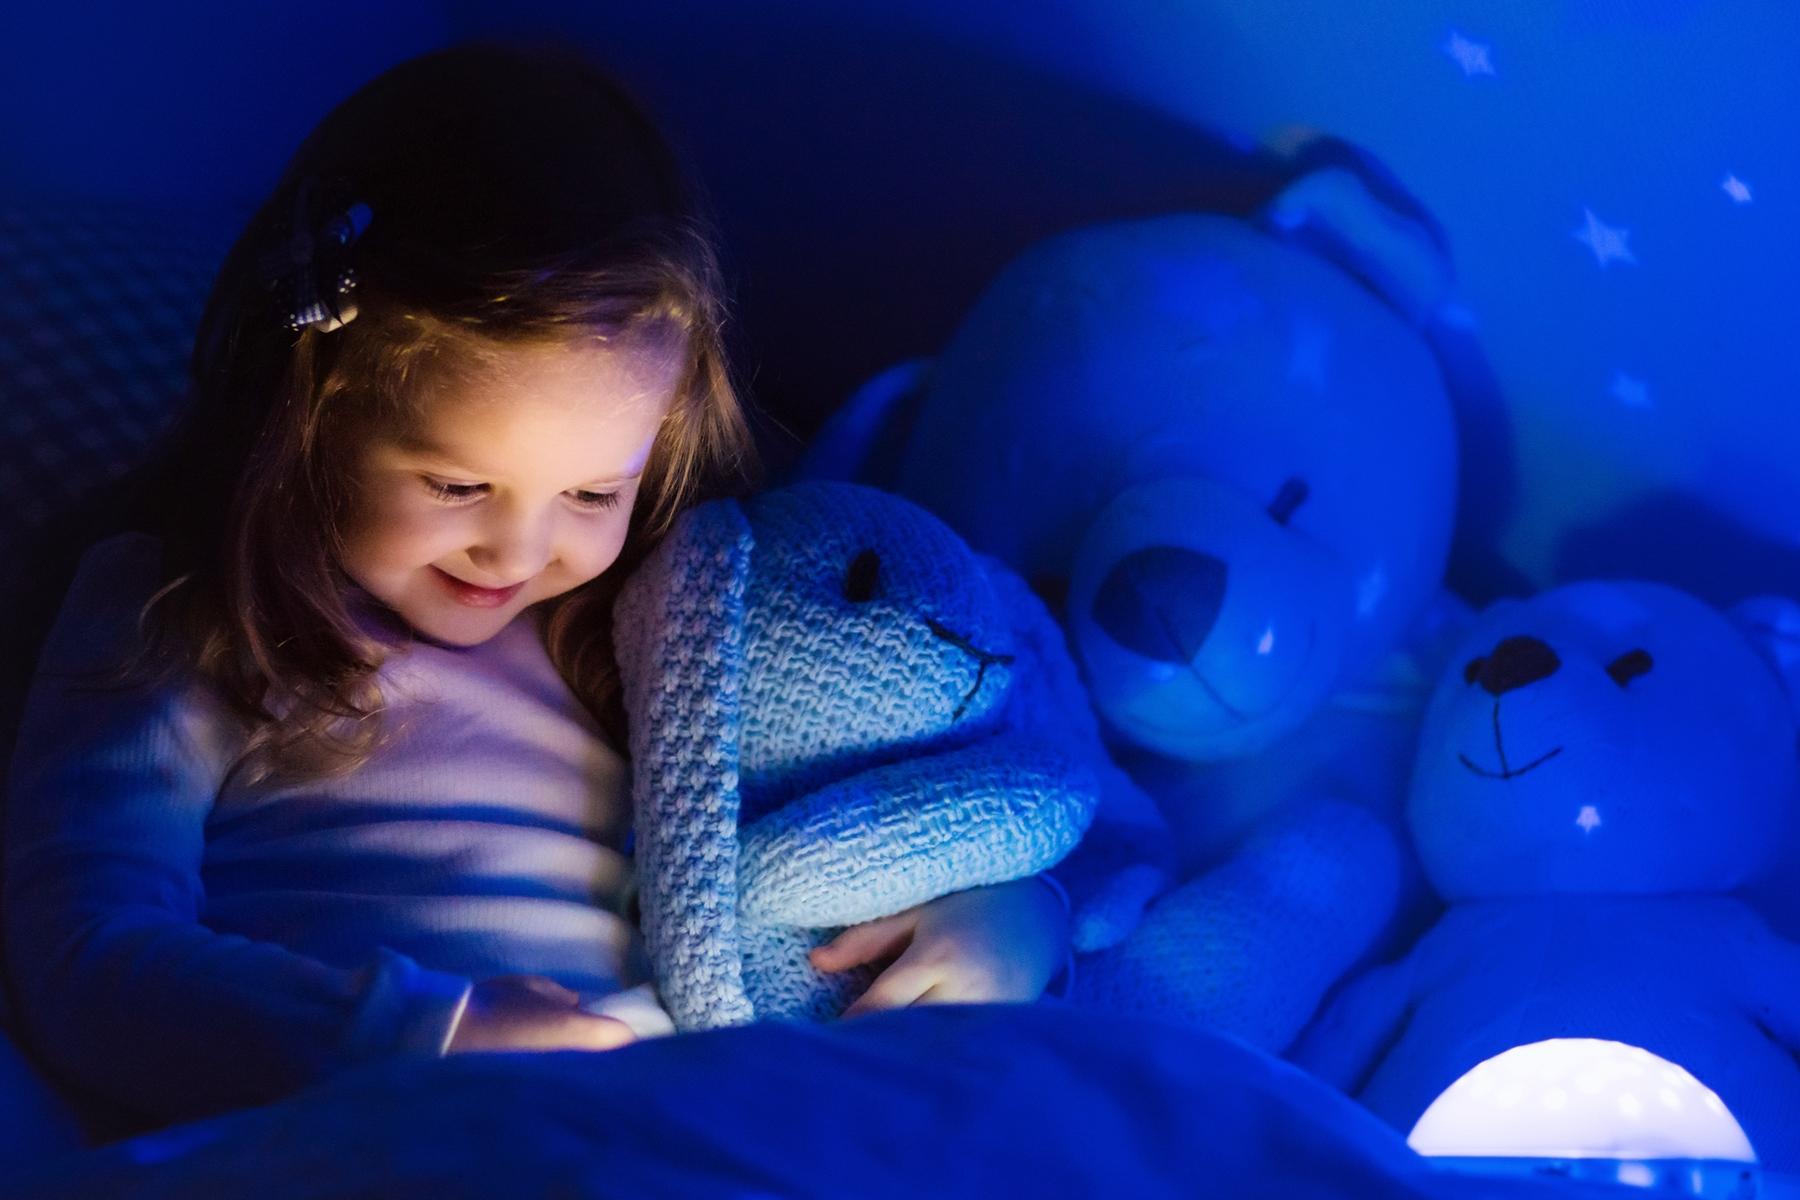 Charmant nachtlicht kinderzimmer test zeitgen ssisch die for Kinderzimmer nachtlicht